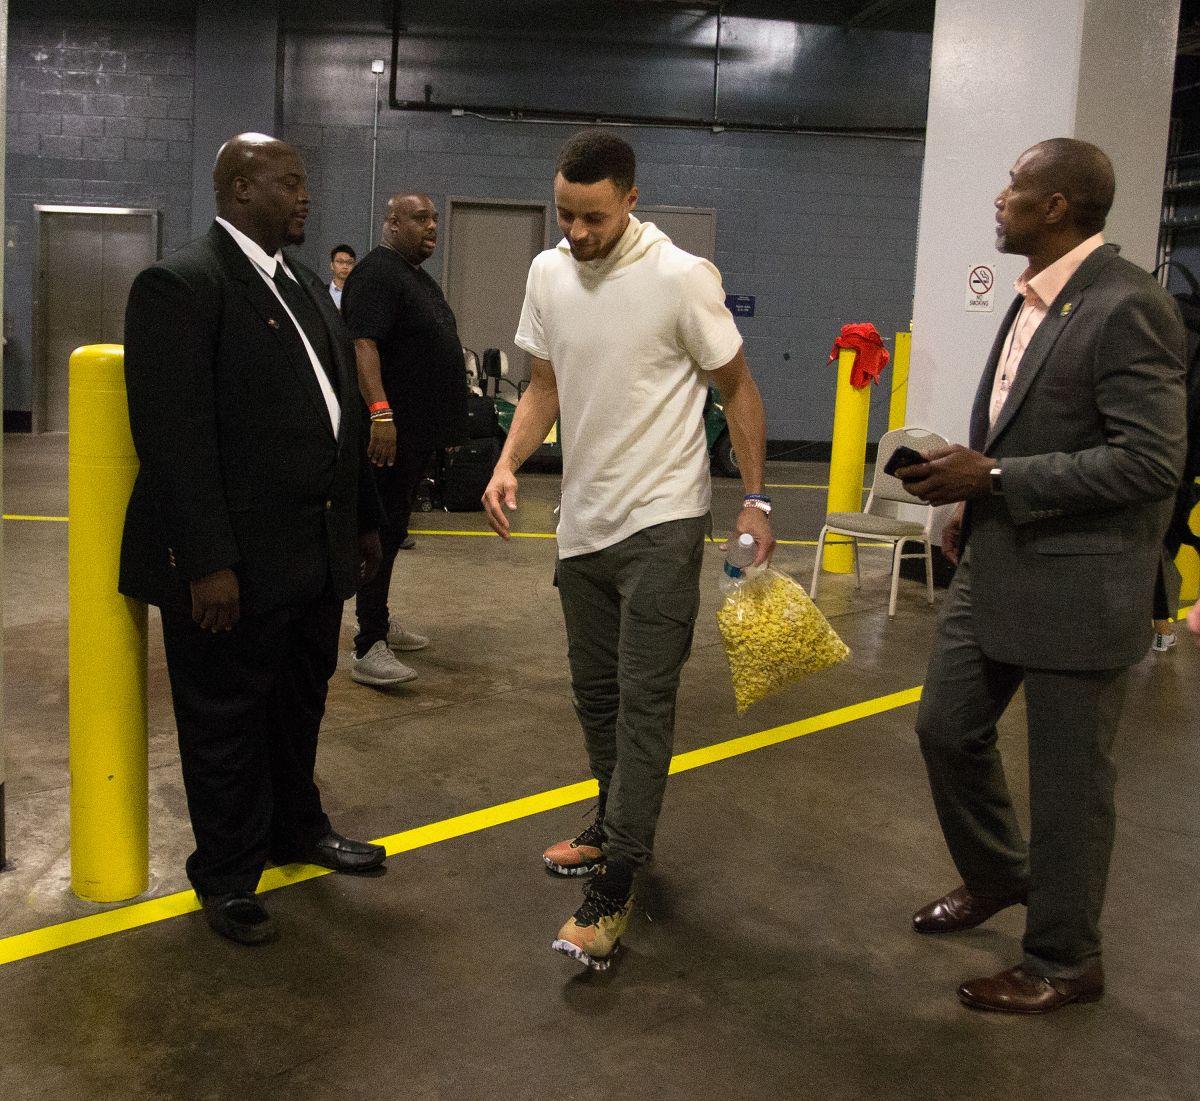 Stephen Curry abandona lentamente la arena de los Rockets de Houston tras el juego que Golden State ganó el domingo y en el que el astro sufrió una lesión de la rodilla derecha.